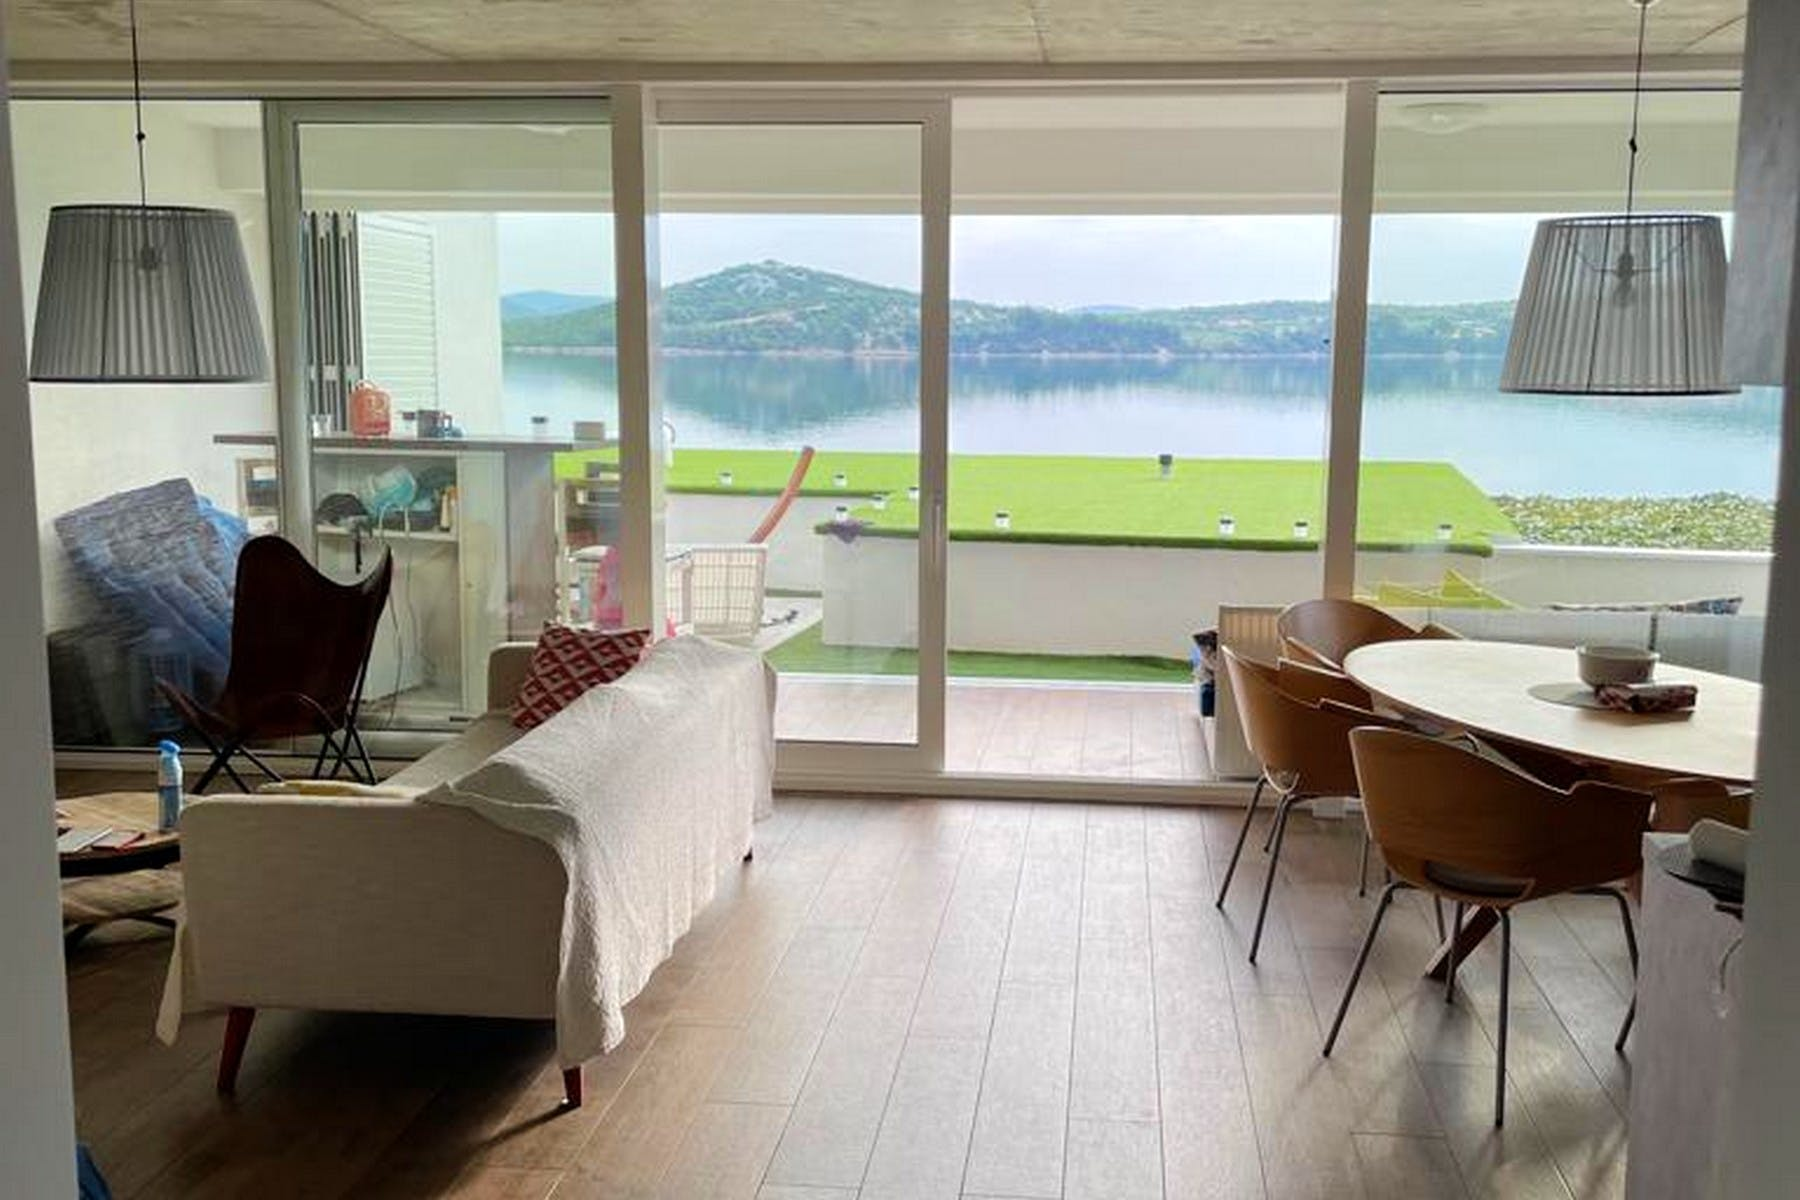 Dnevni prostor otvorenog tlocrta s izlazom na terasu sa spektakularnim pogledom na more